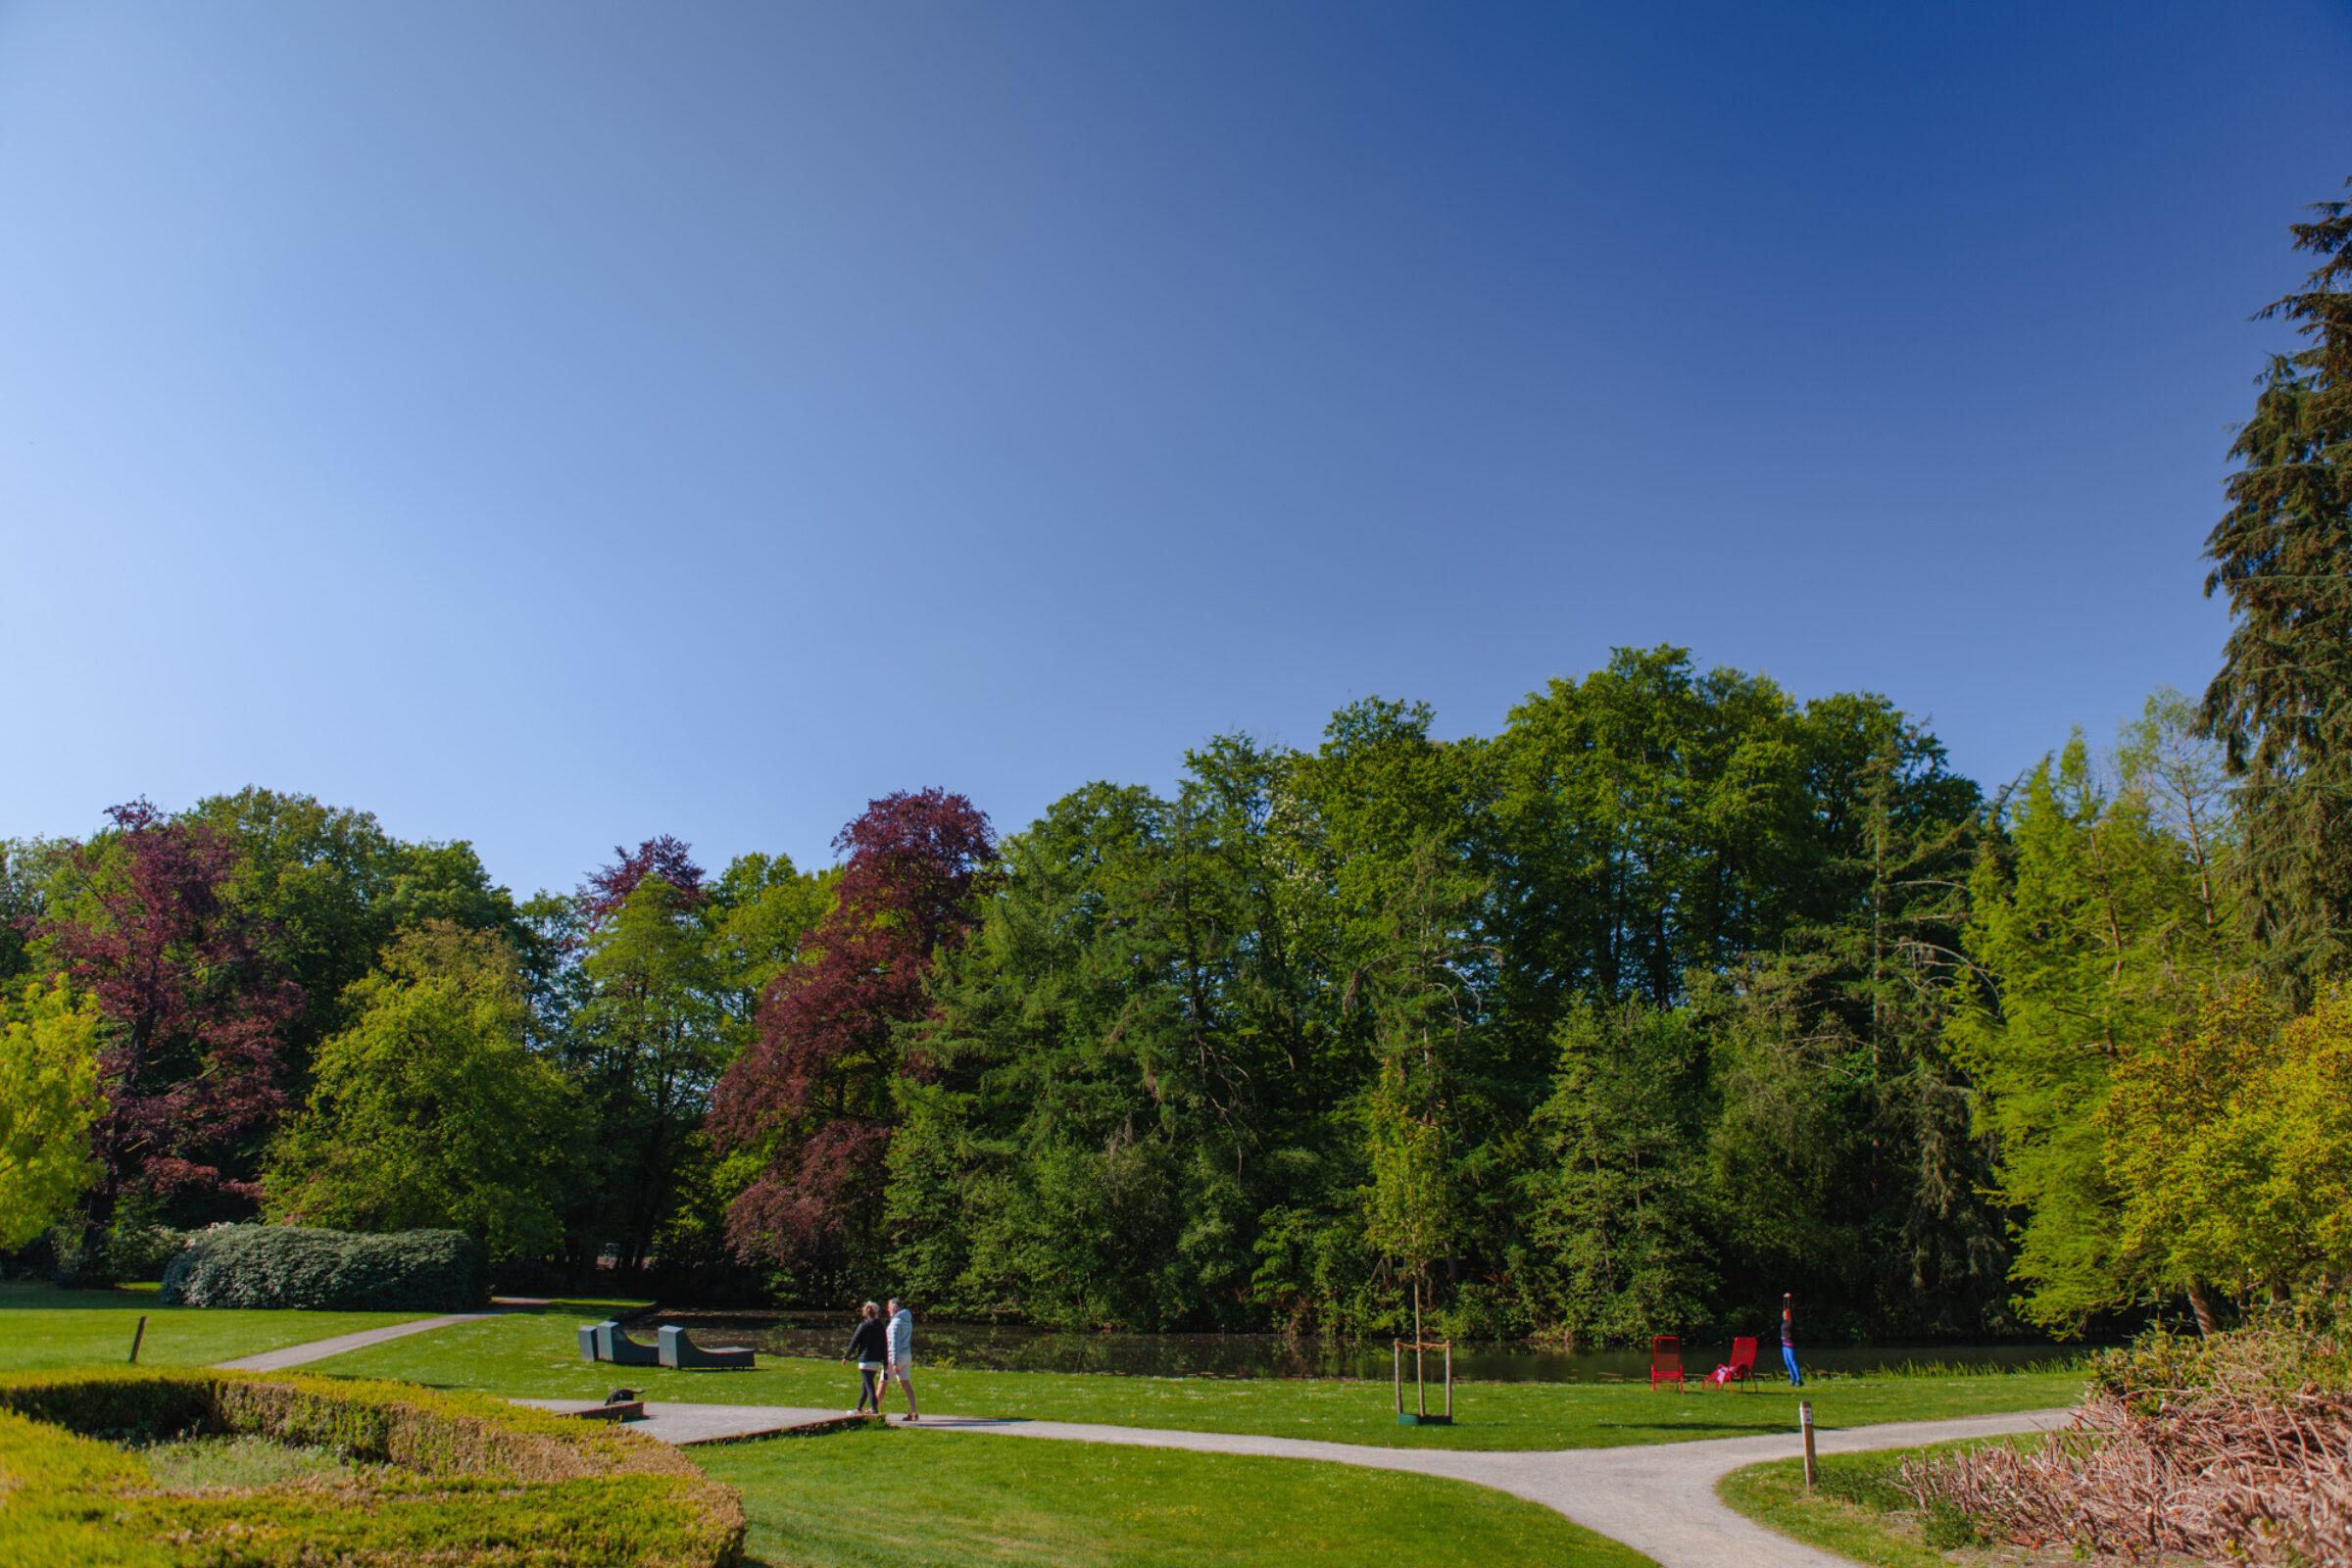 Enschede Lente Ledeboer Park